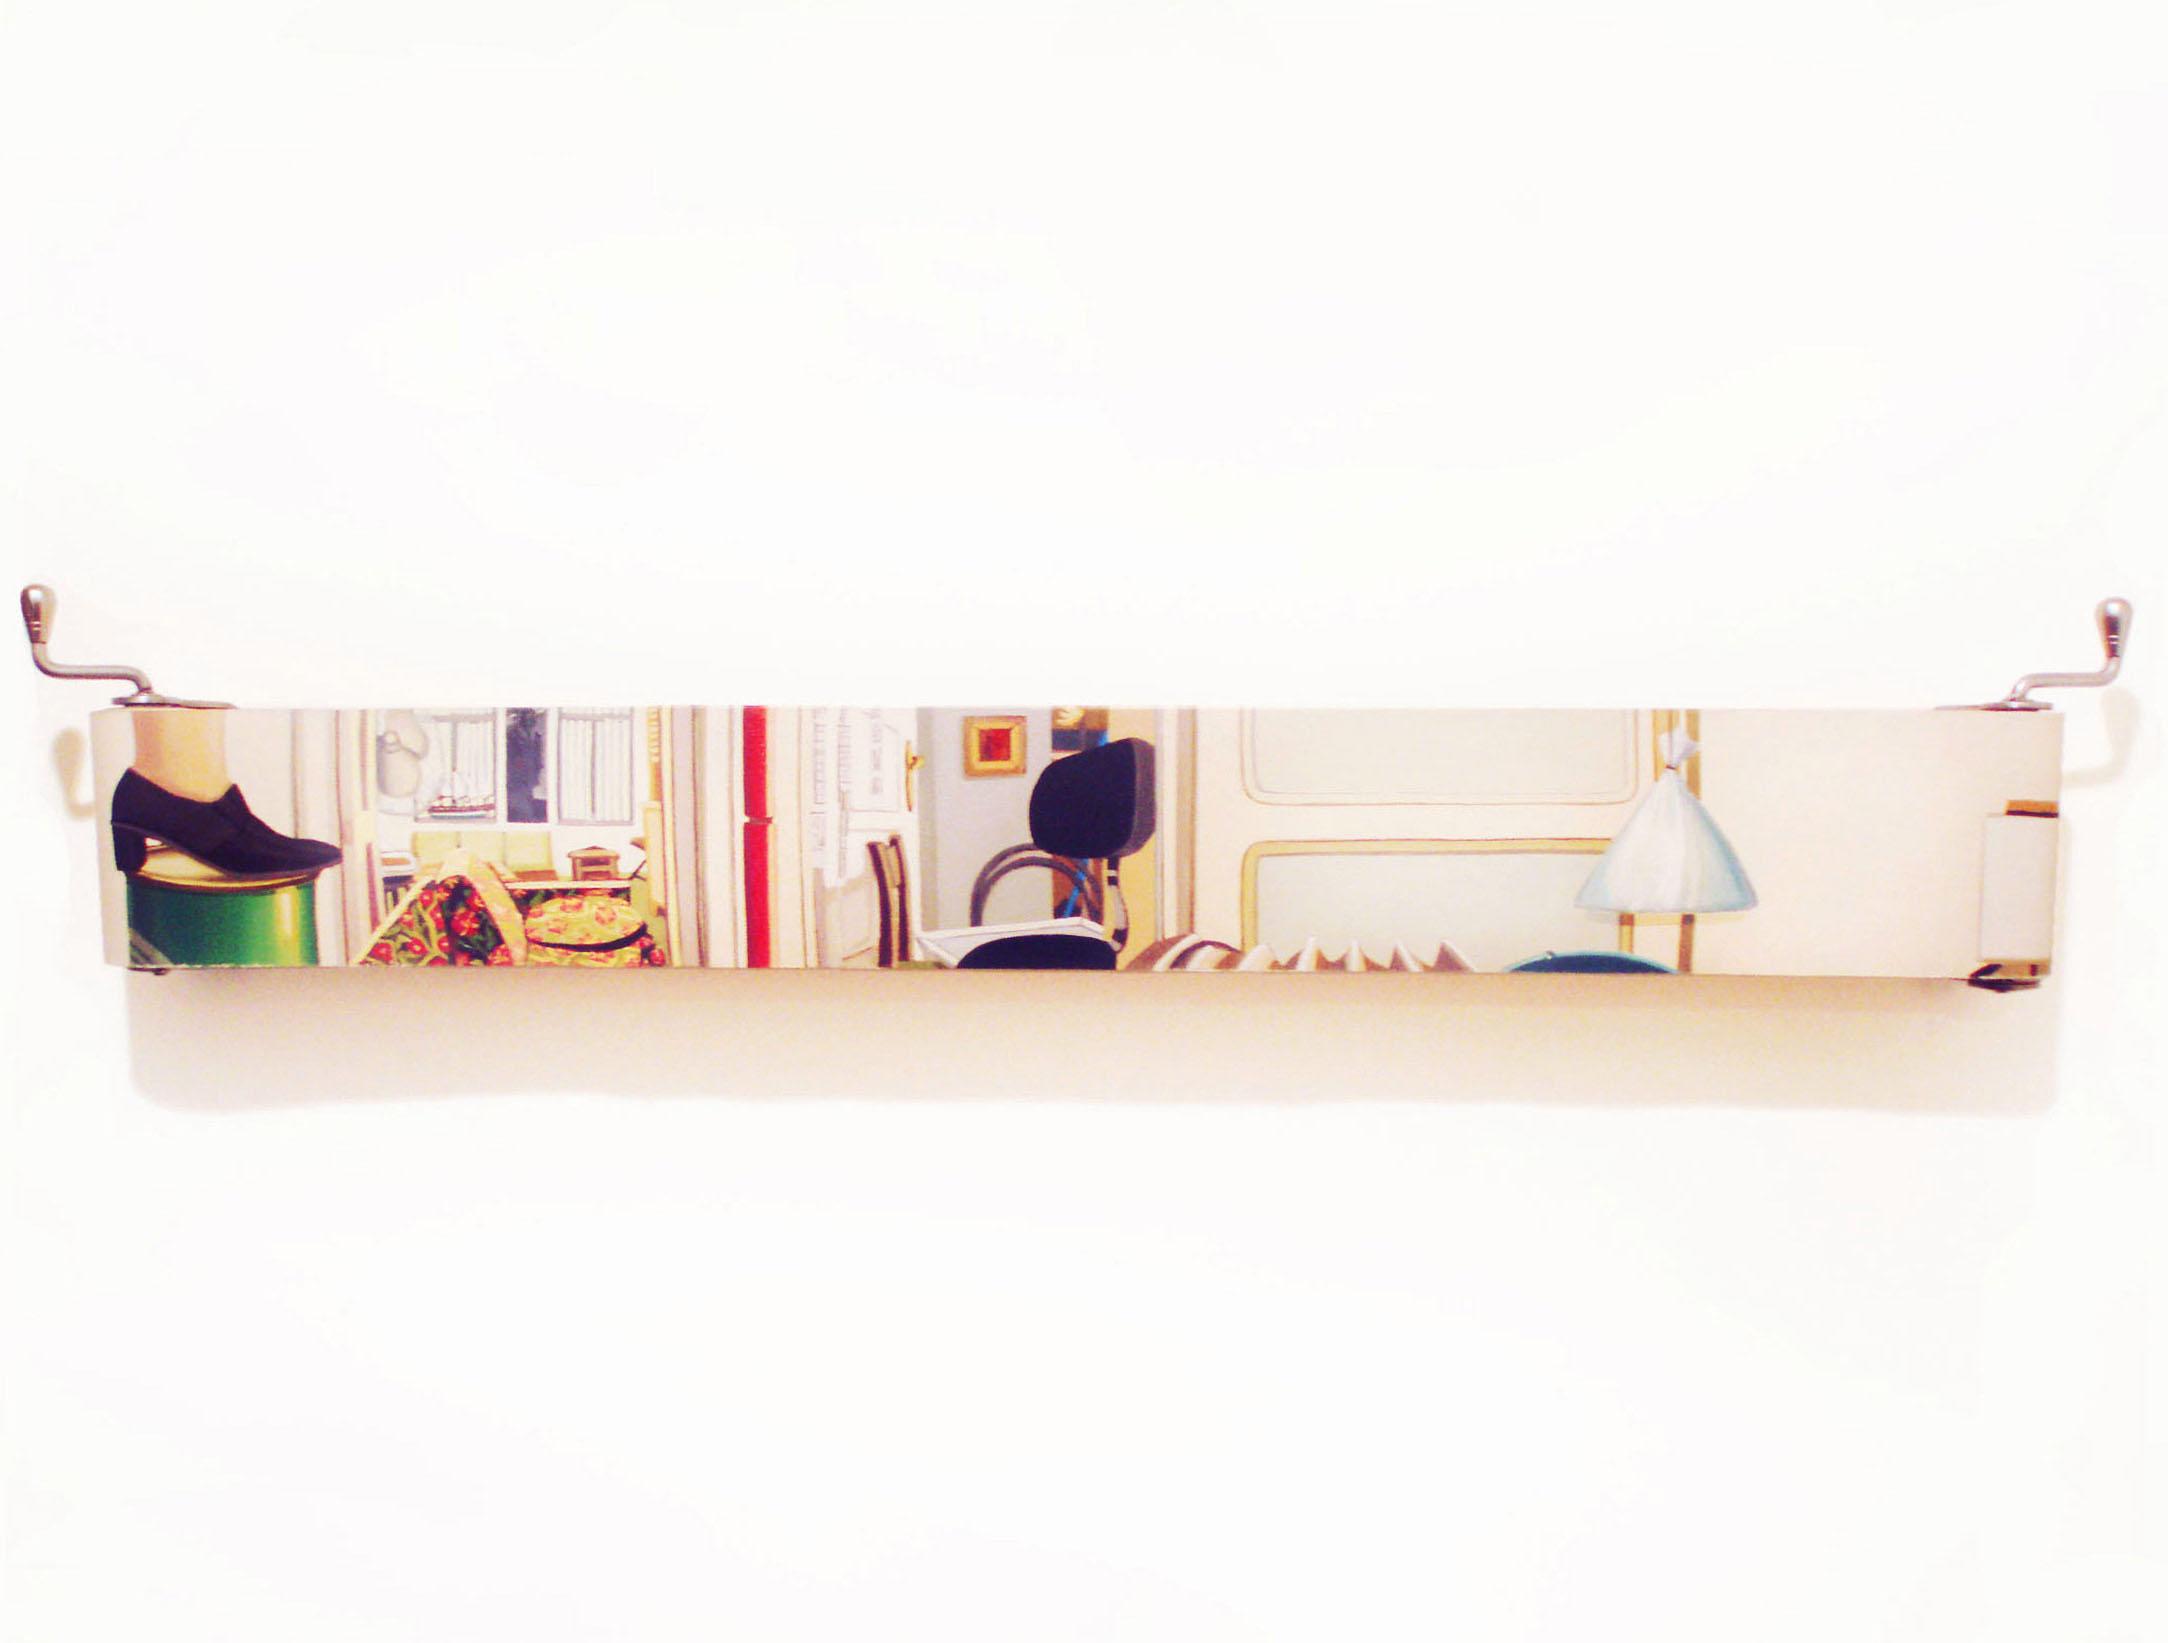 Marta BRAN. Acciones en casa, 2012. Rodillos y Óleos. Variables